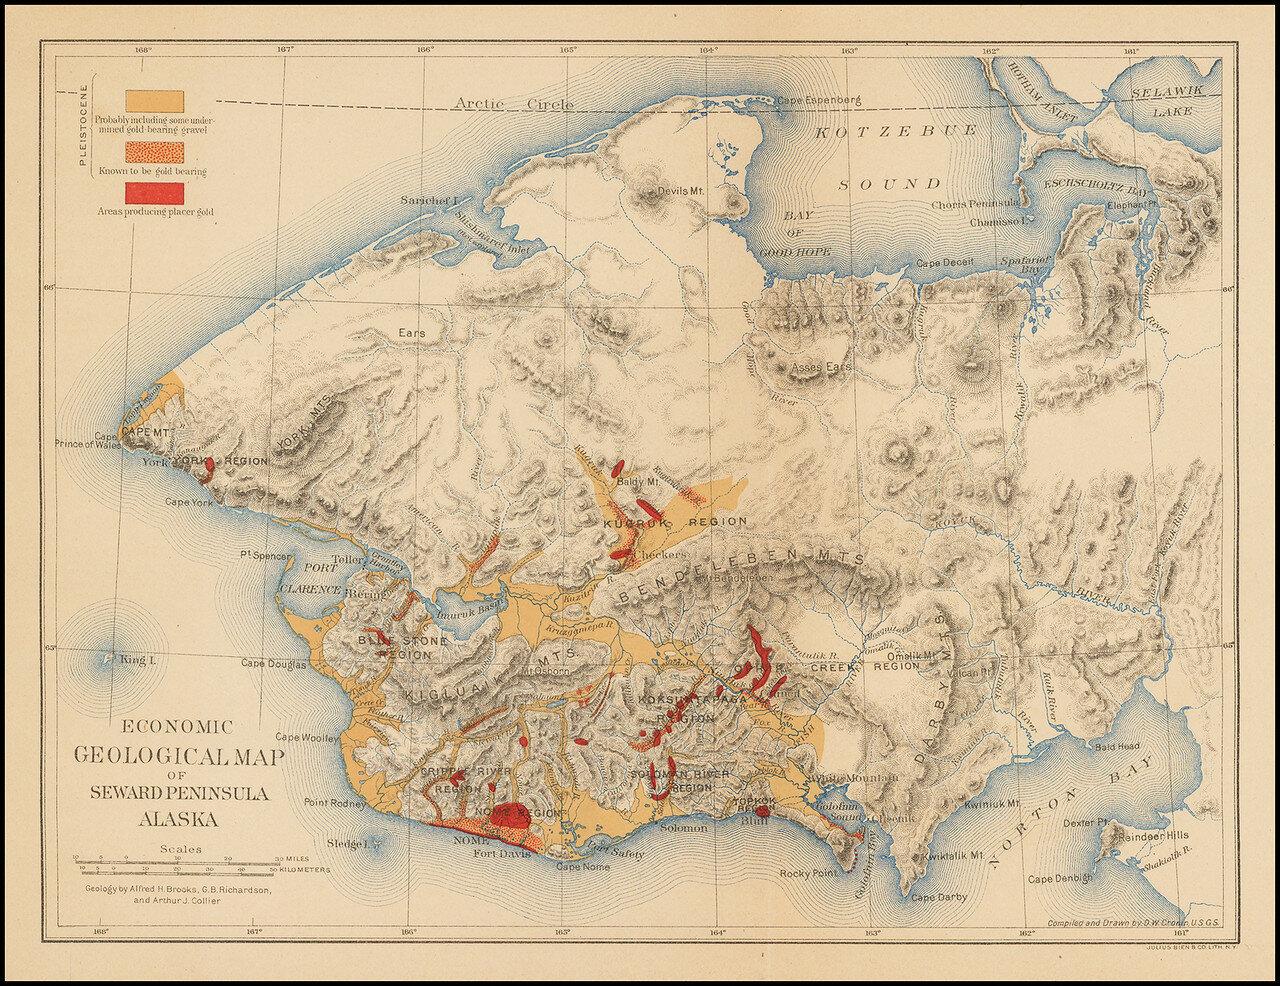 Экономическая геологическая карта полуострова Сьюард Аляска.jpg